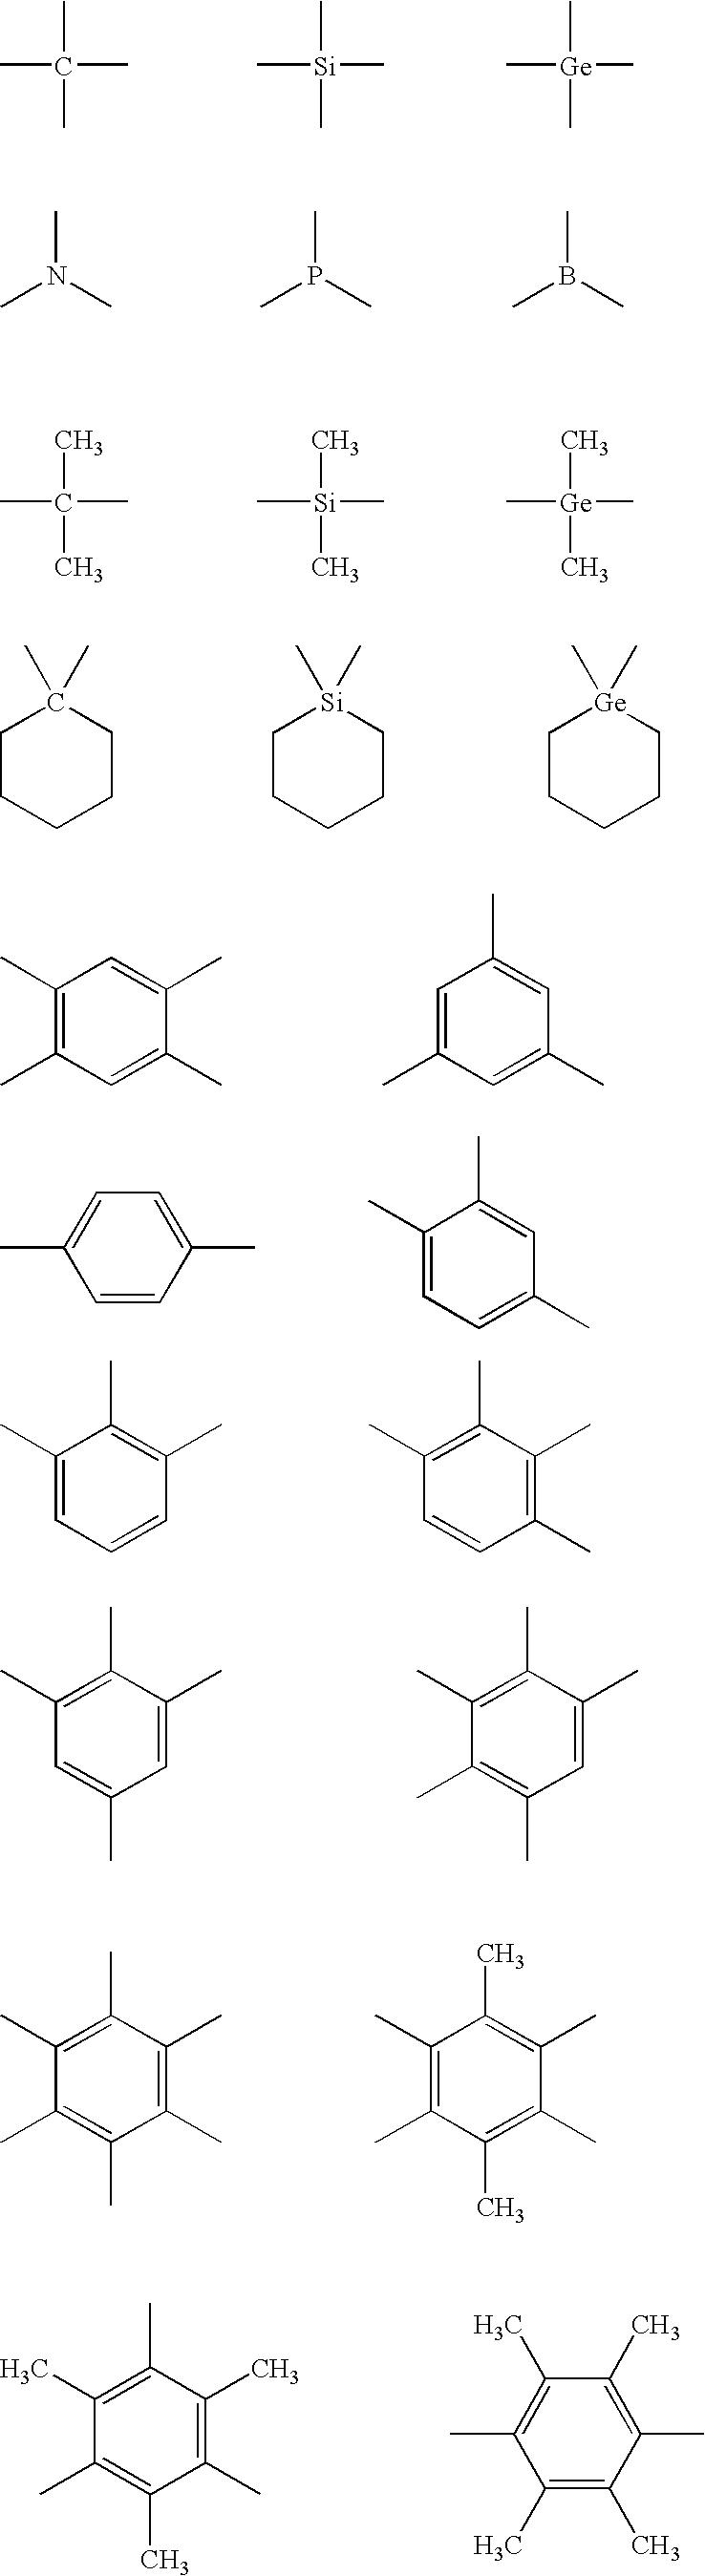 Figure US20060134464A1-20060622-C00019